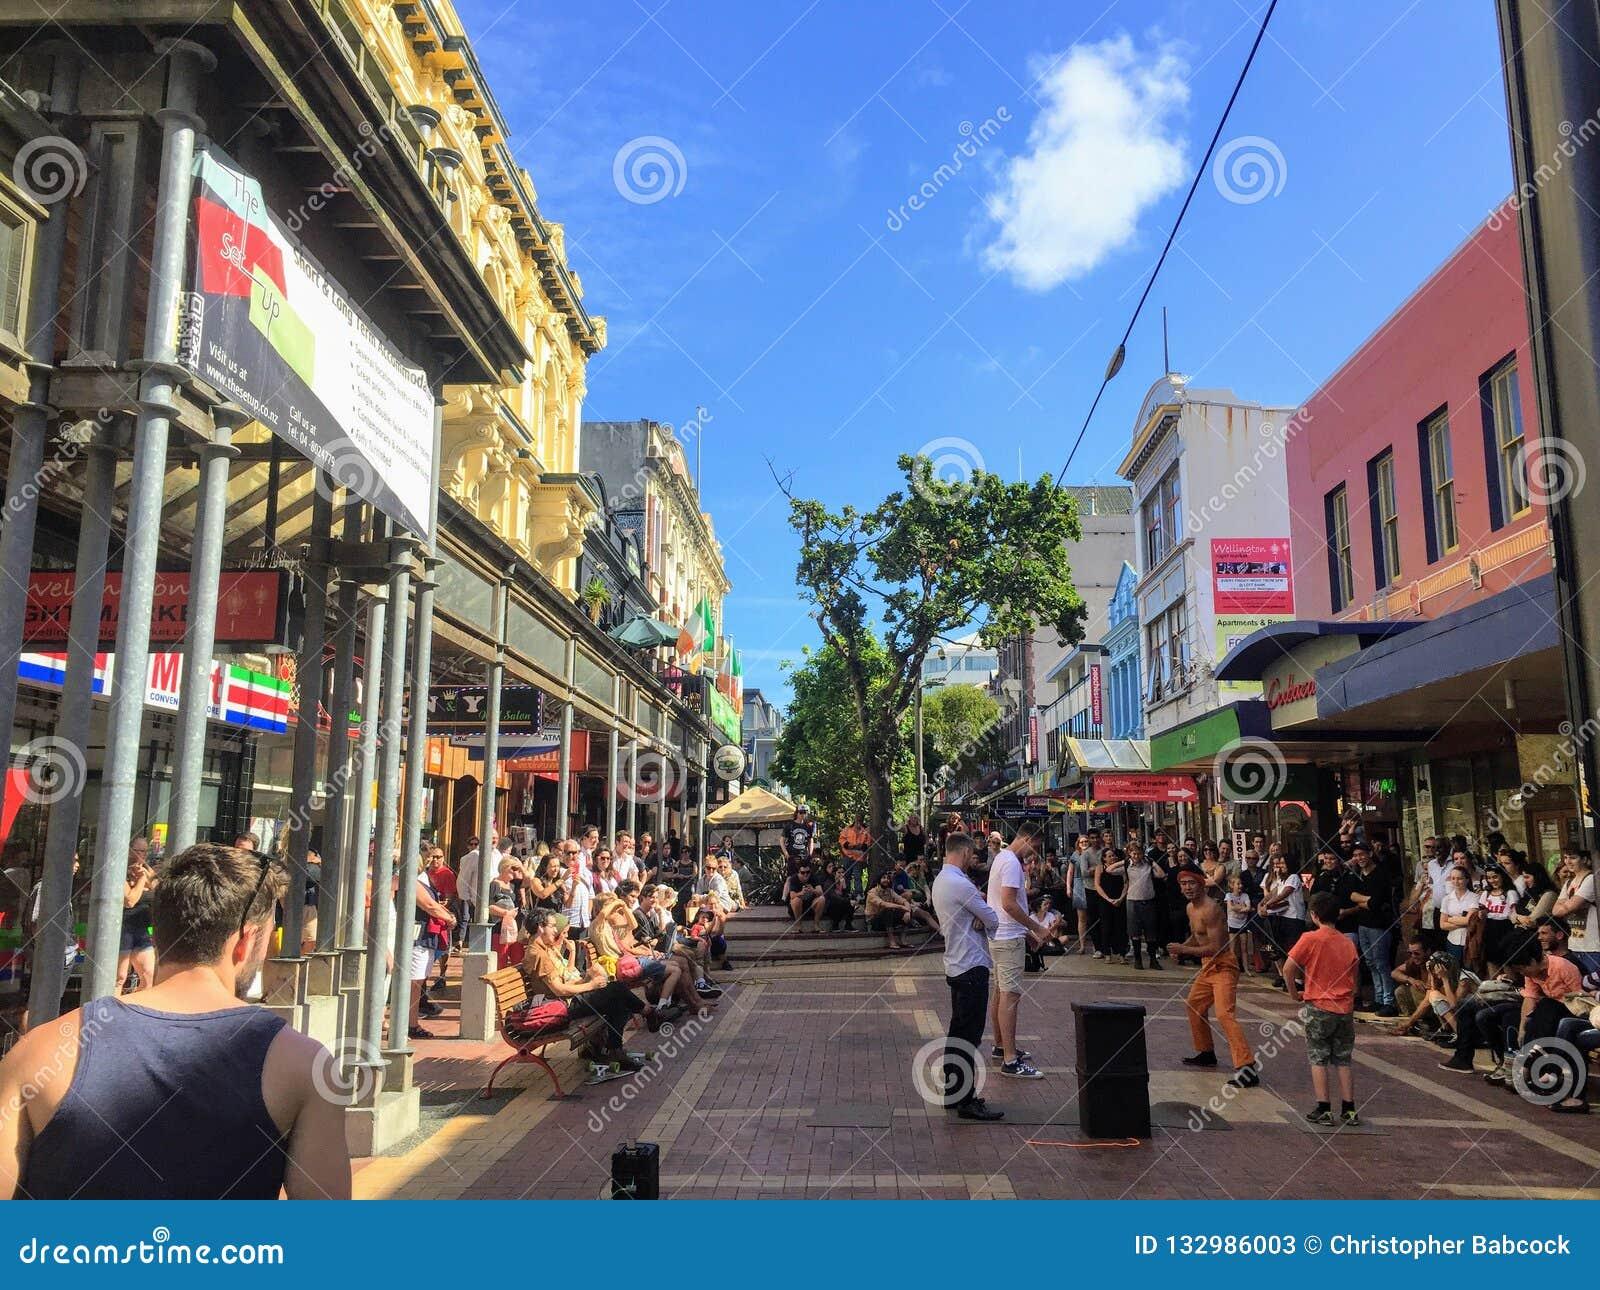 Uma multidão embalada de turistas e os locals apreciam um executor local da rua na rua de Cuba em Wellington do centro